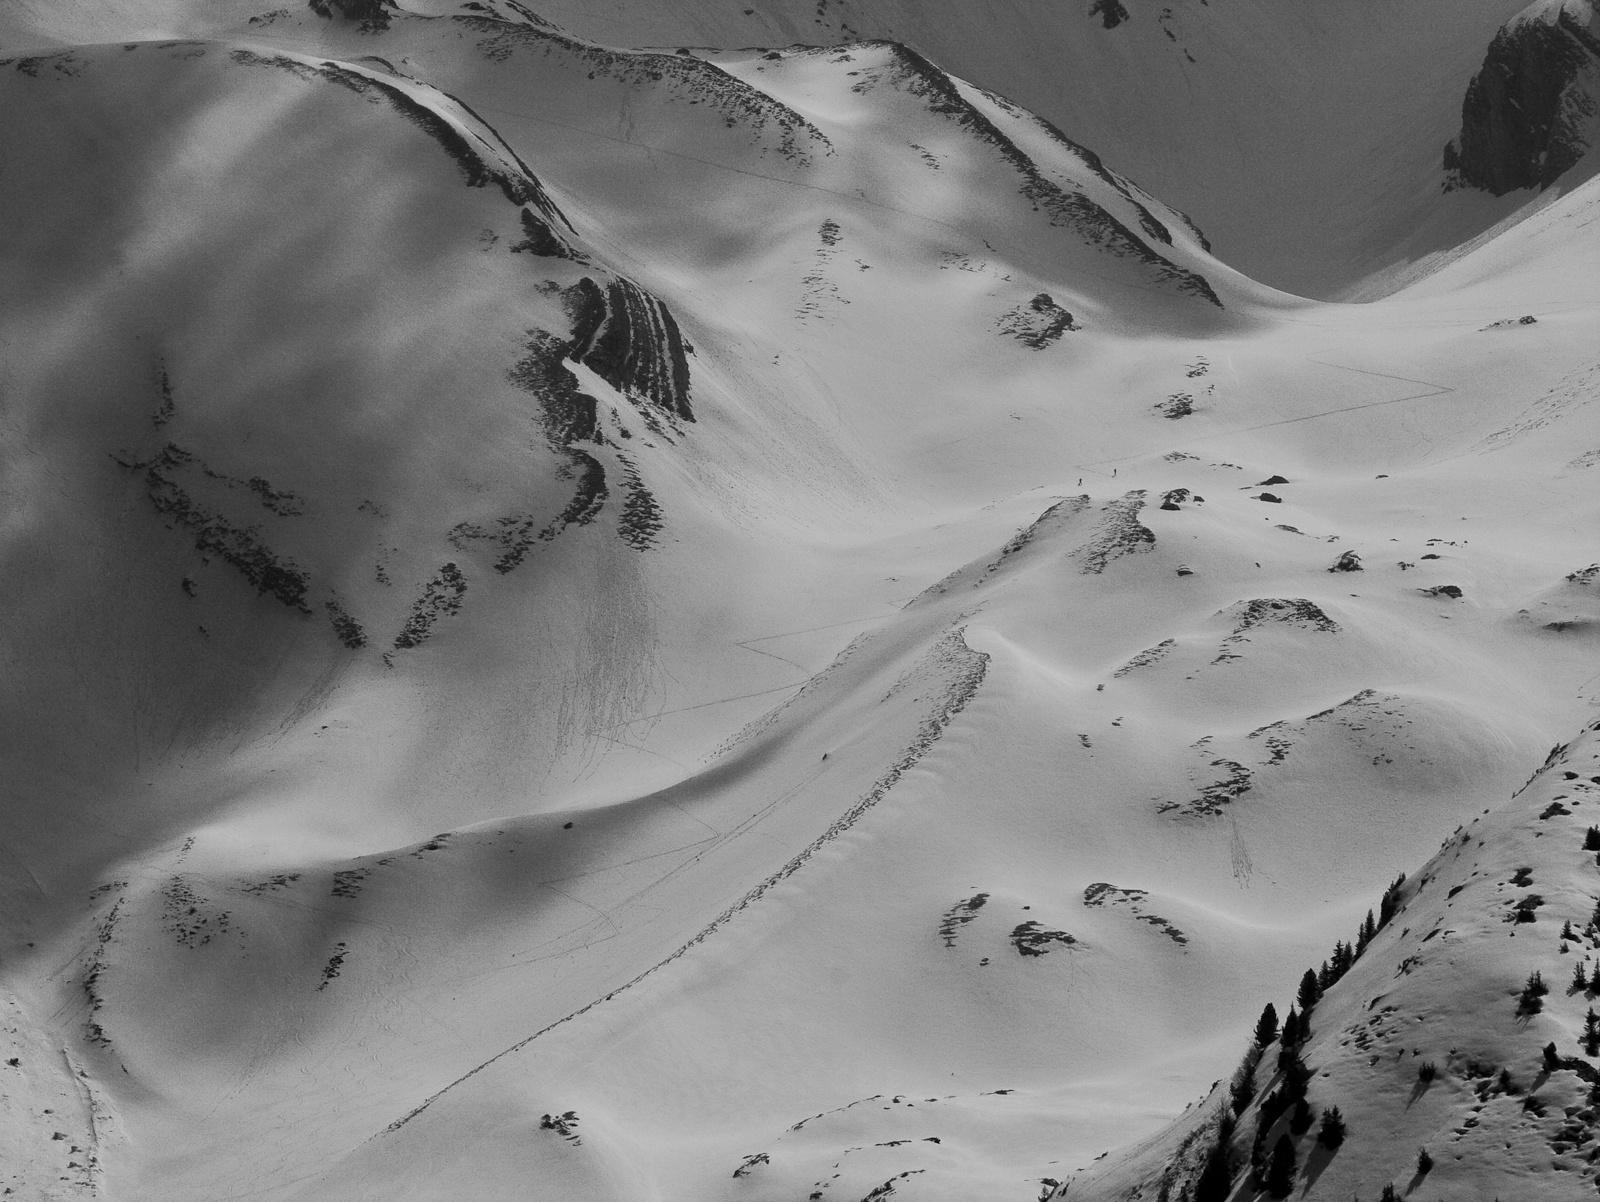 Két hegymászó a hóban